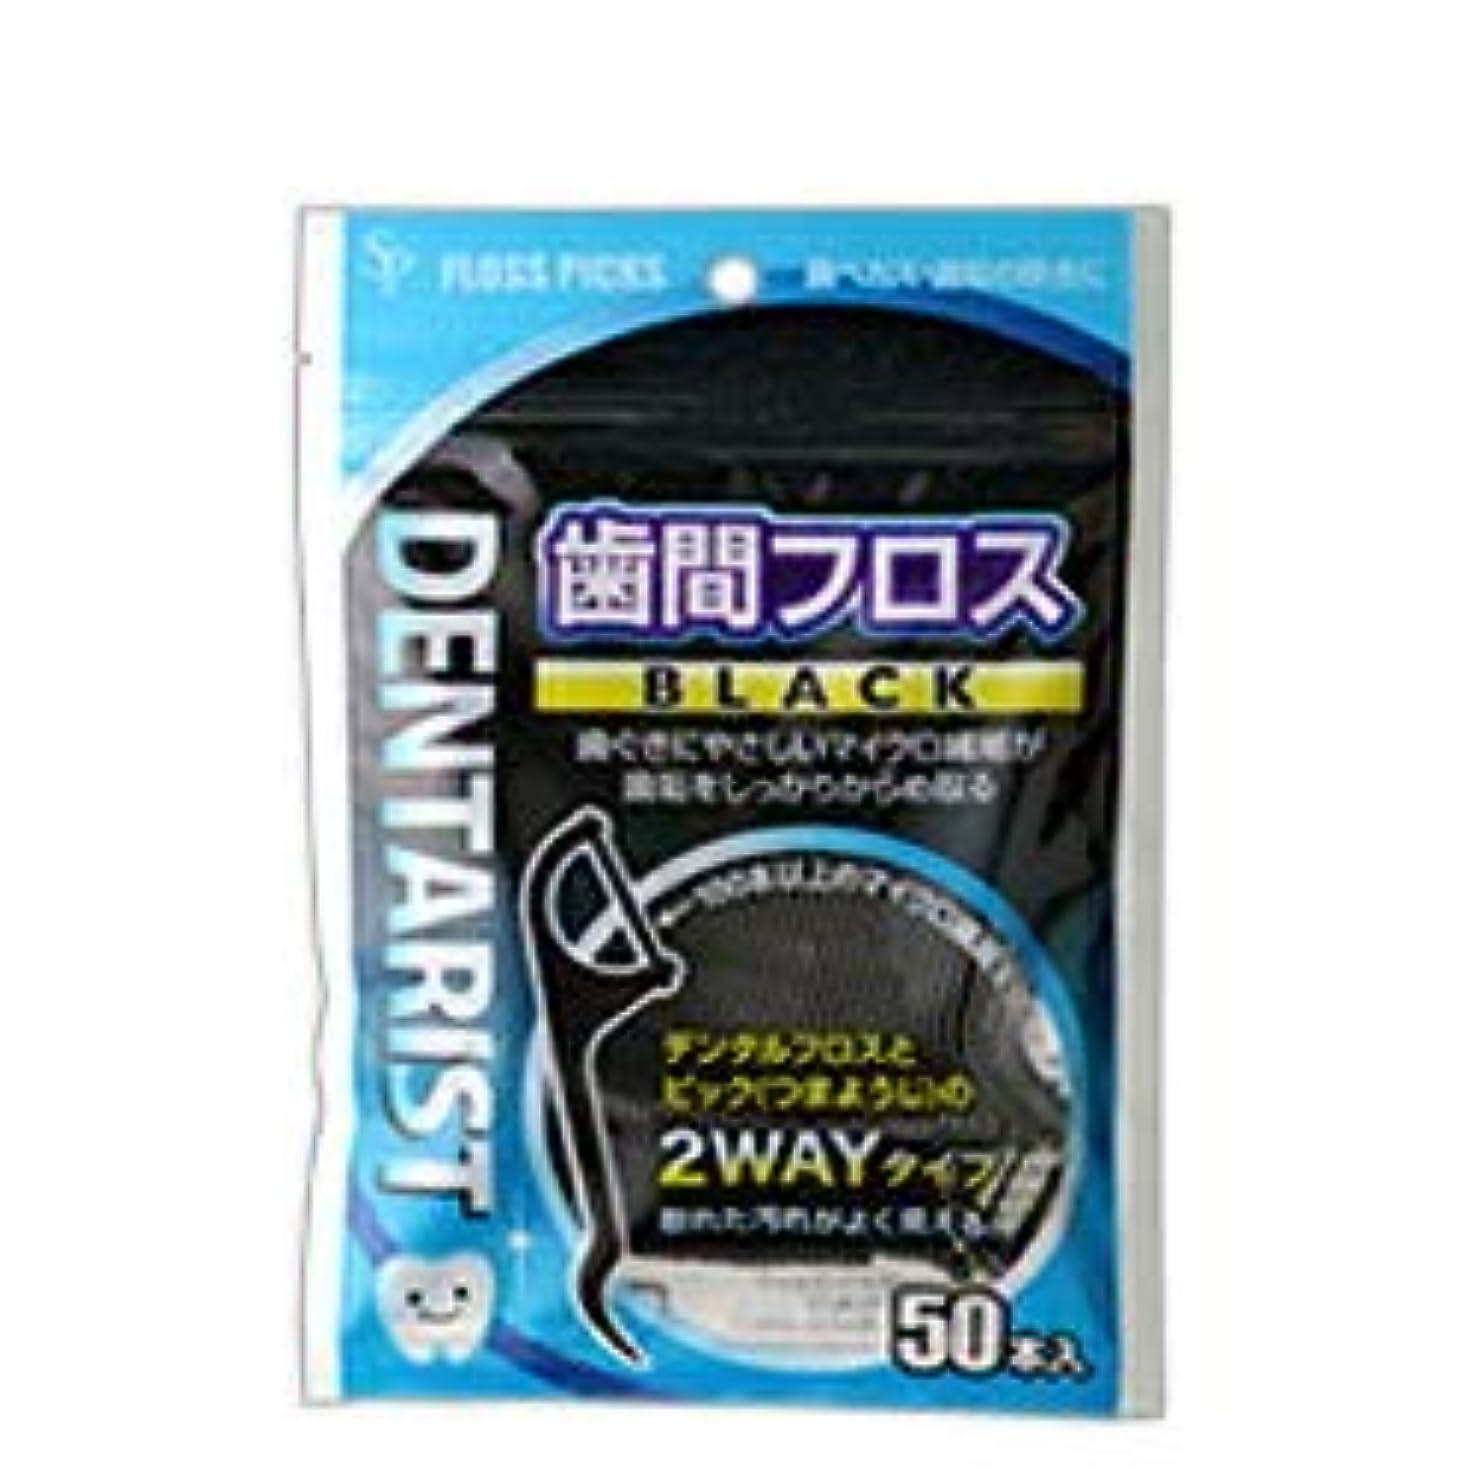 不振こっそり取るに足らない【サイキョウ?ファーマ】DENTARIST 歯間フロス BLACK(ブラック) 50本入